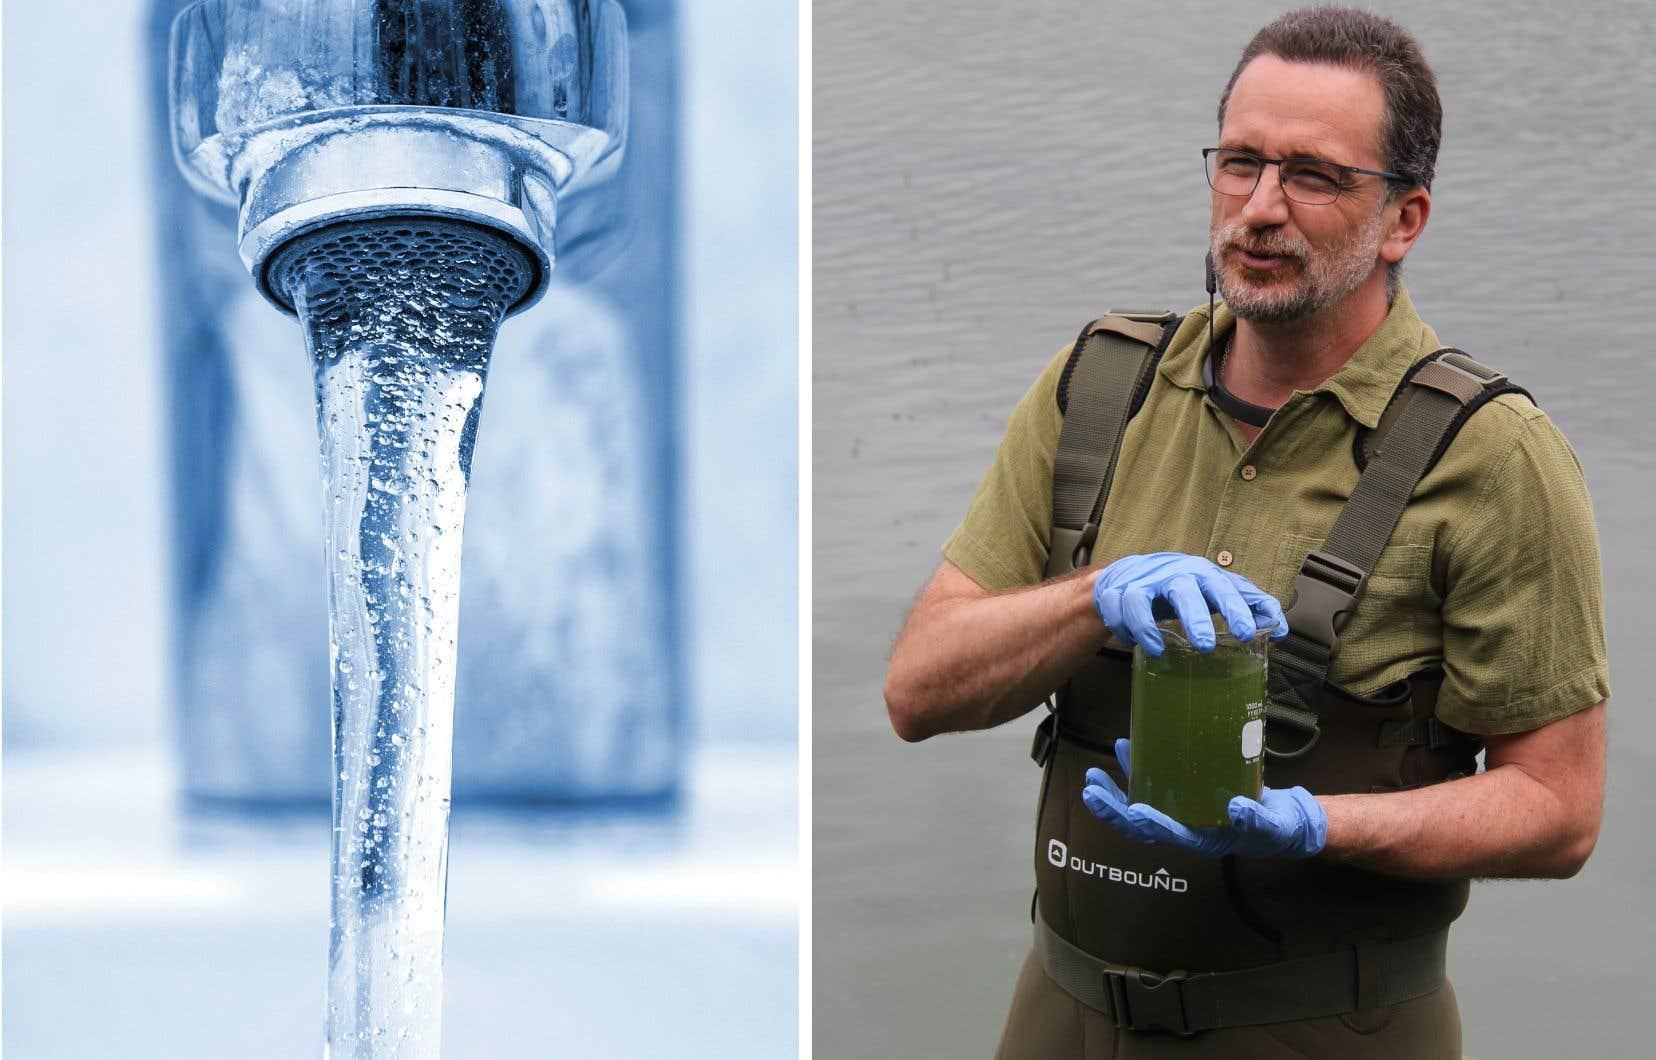 Grâce à Sébastien Sauvé, la quantité inquiétante de plomb dans l'eau potable de certaines écoles du Québec a provoqué une vague médiatique à l'automne 2019.